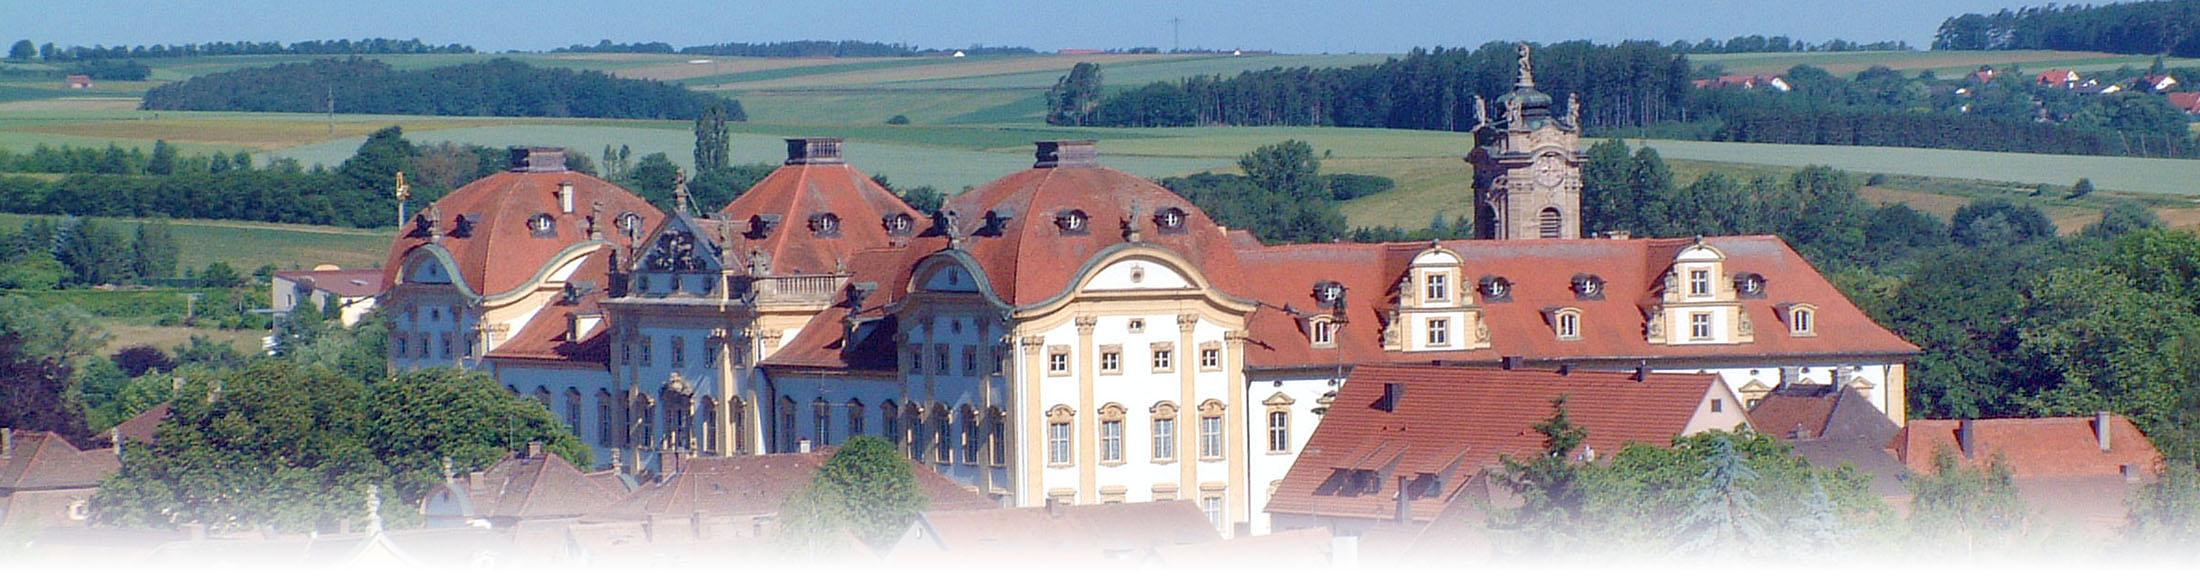 Tourismus Ellingen